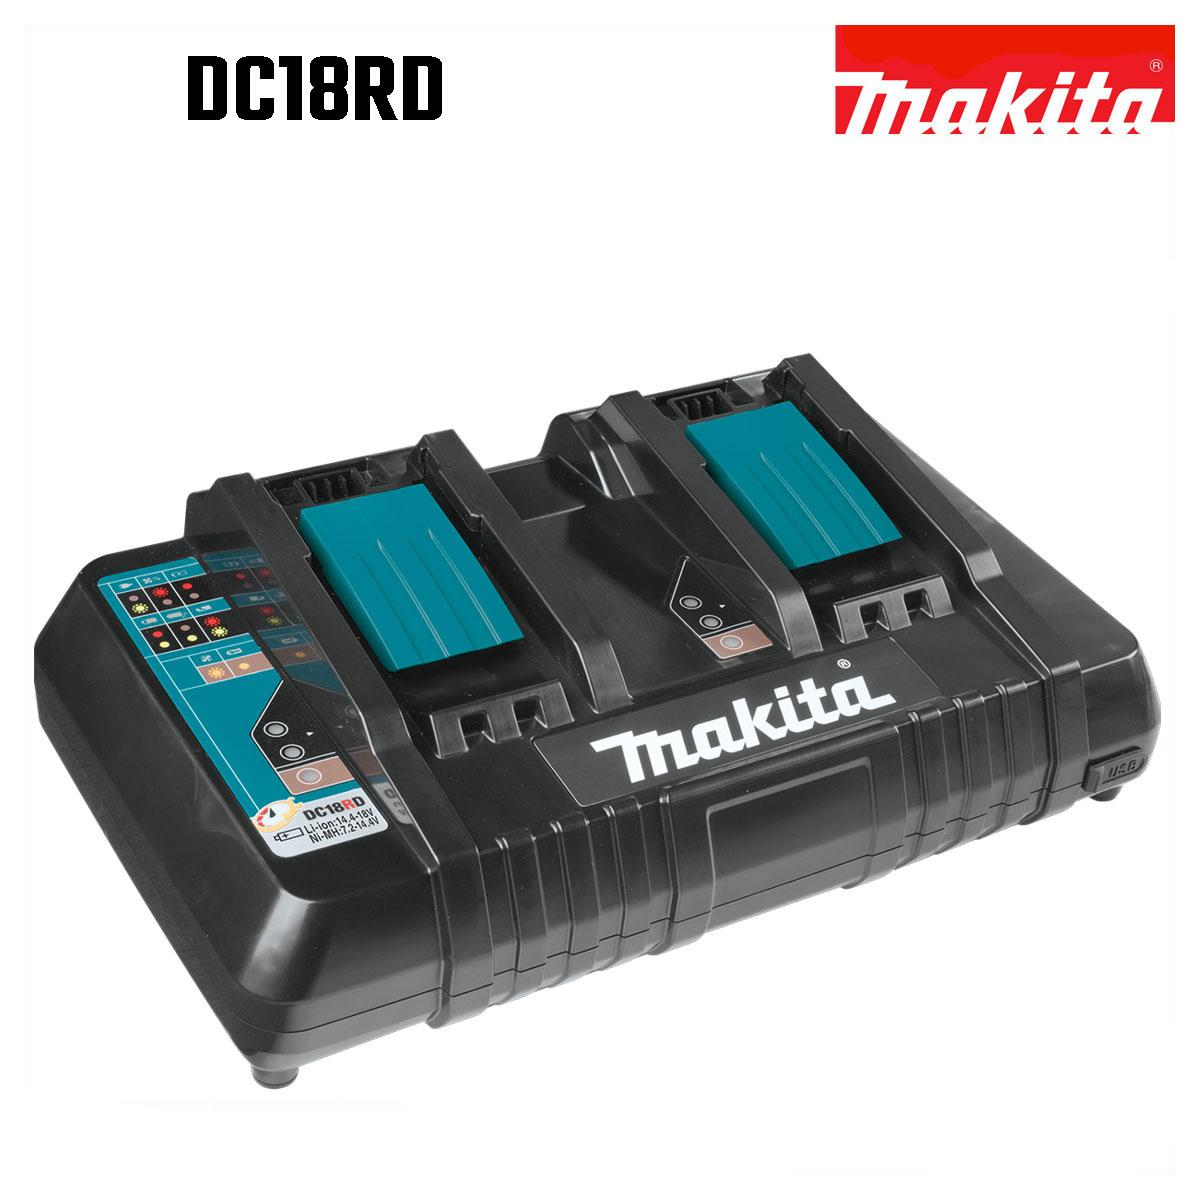 DC18RD 純正 マキタ MAKITA 本物 二個同時急速充電 冷却システム オートメンテナンス機能 7.2~18V